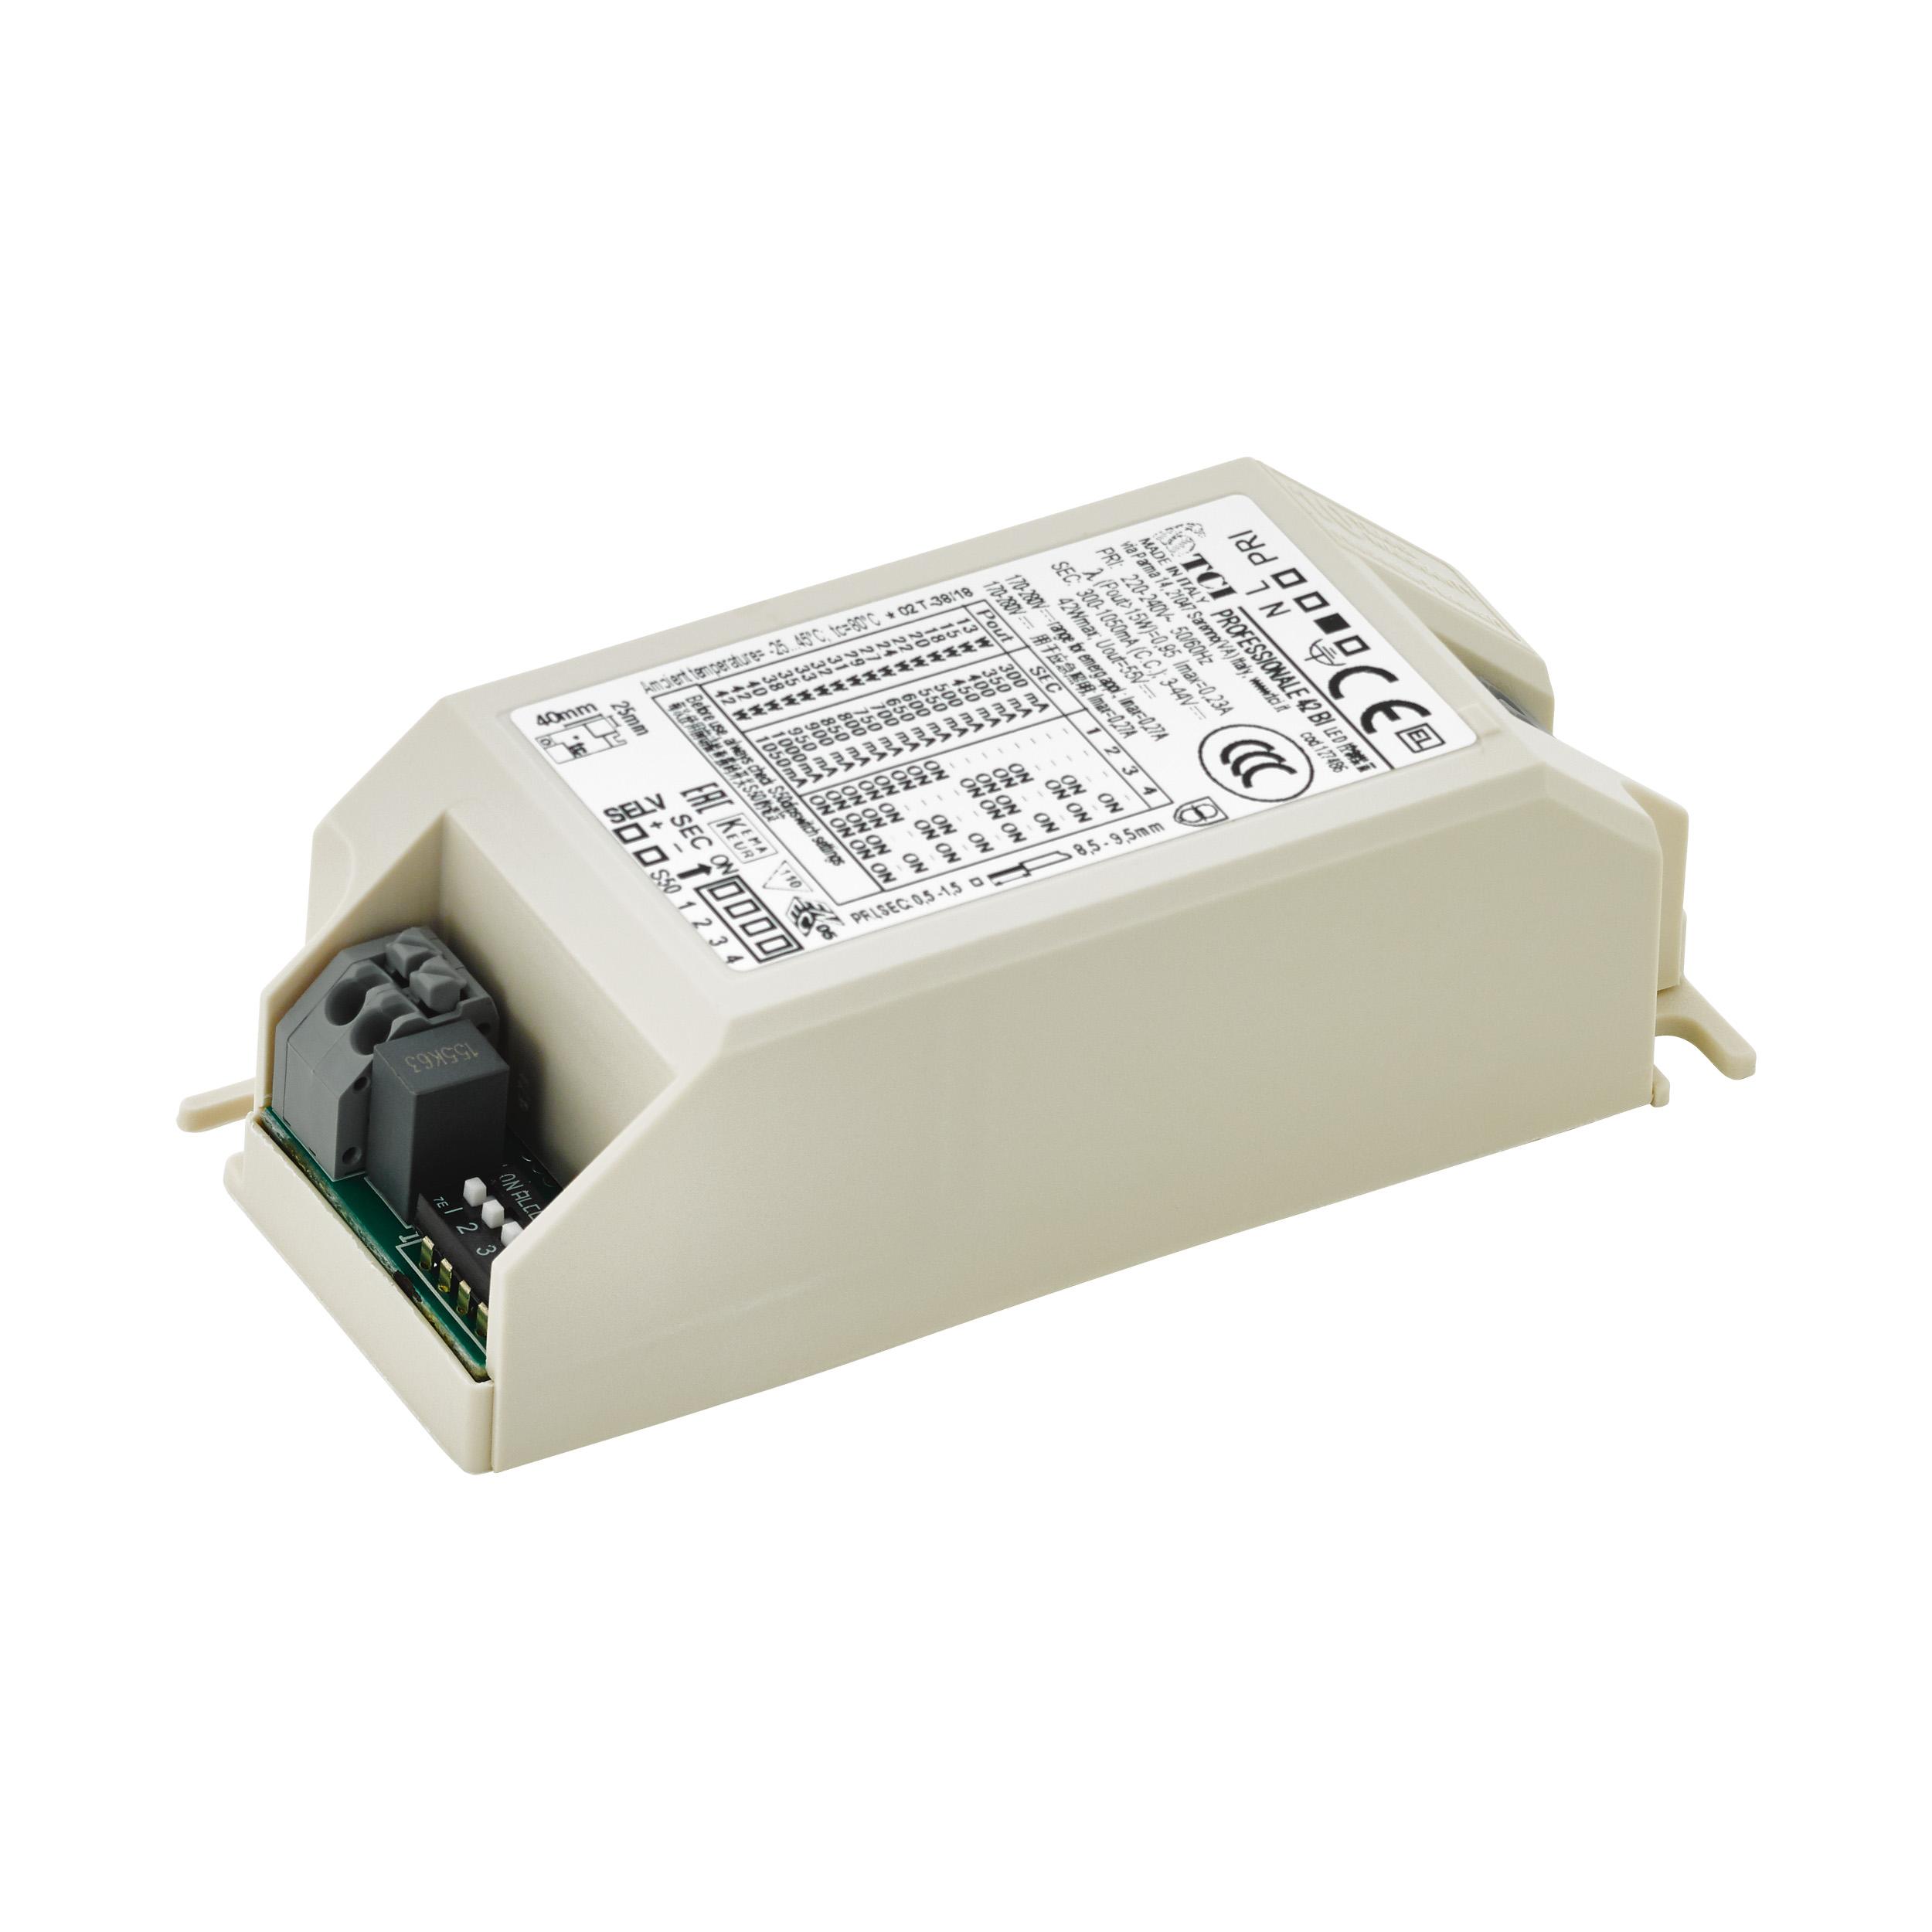 1 Stk LED-TREIBER TCI PROFESSIONALE 42 BI  LI69261---